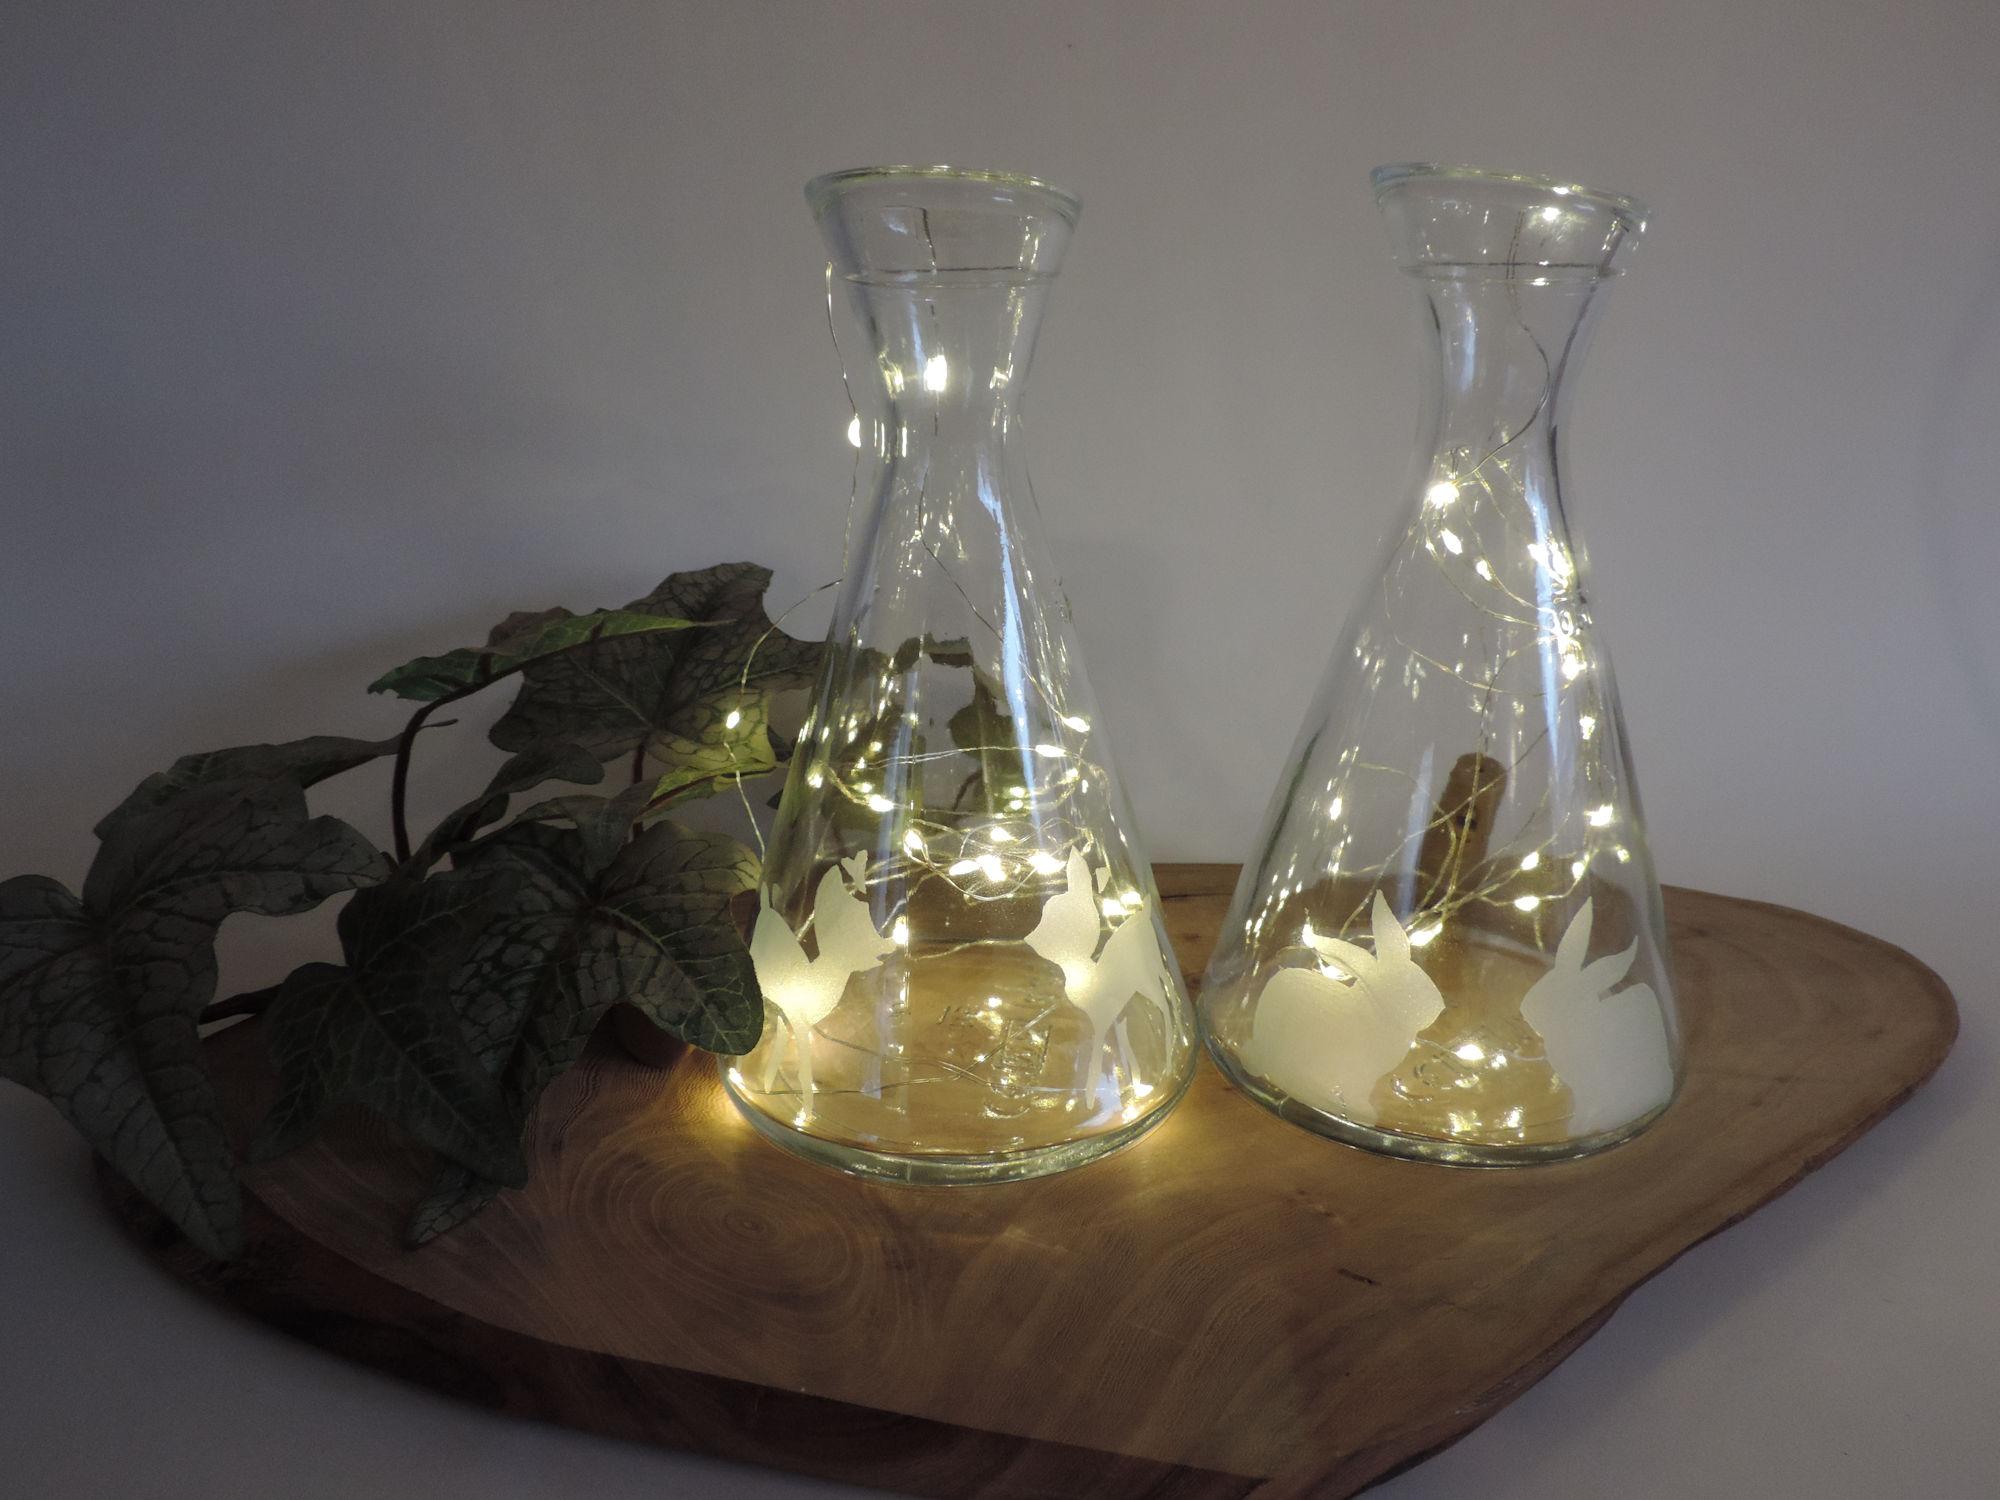 Glas Karaffe 0,5Liter graviert mit Reh Geschenk Unikat Handgemacht Dekorationt, Wein, Karaffe, Ostern, Hase, Reh, Bambi